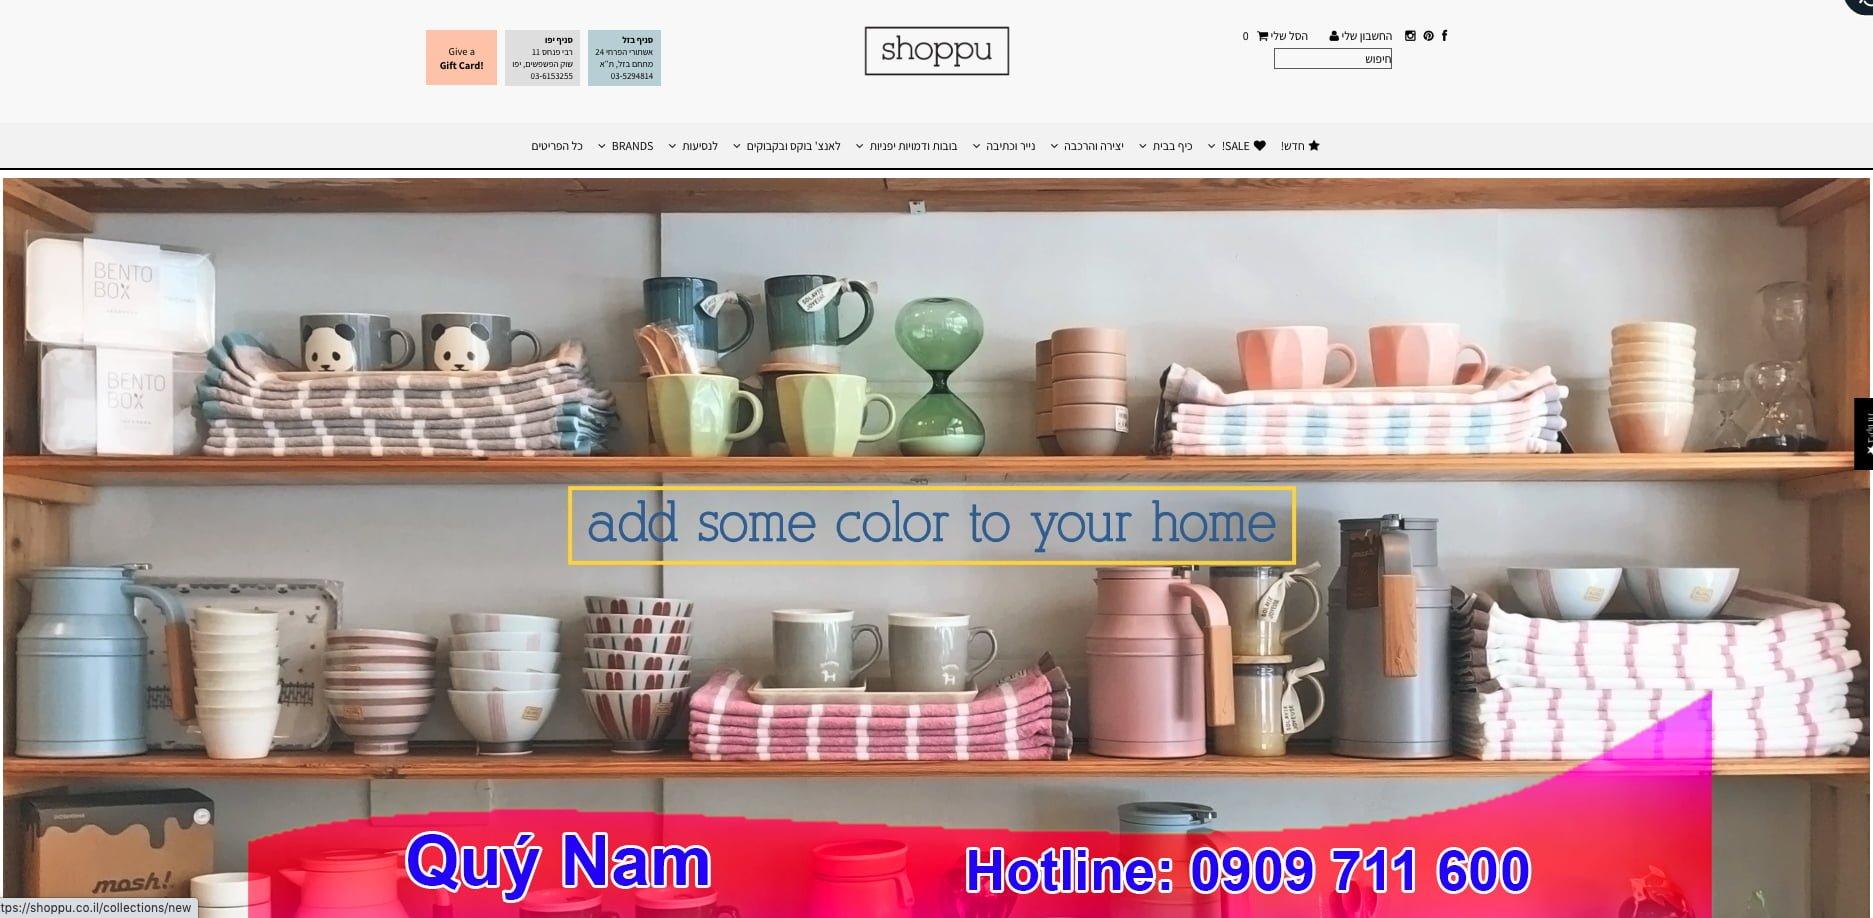 Đây là trang web được nhiều người ưa chuộng mua sắm online